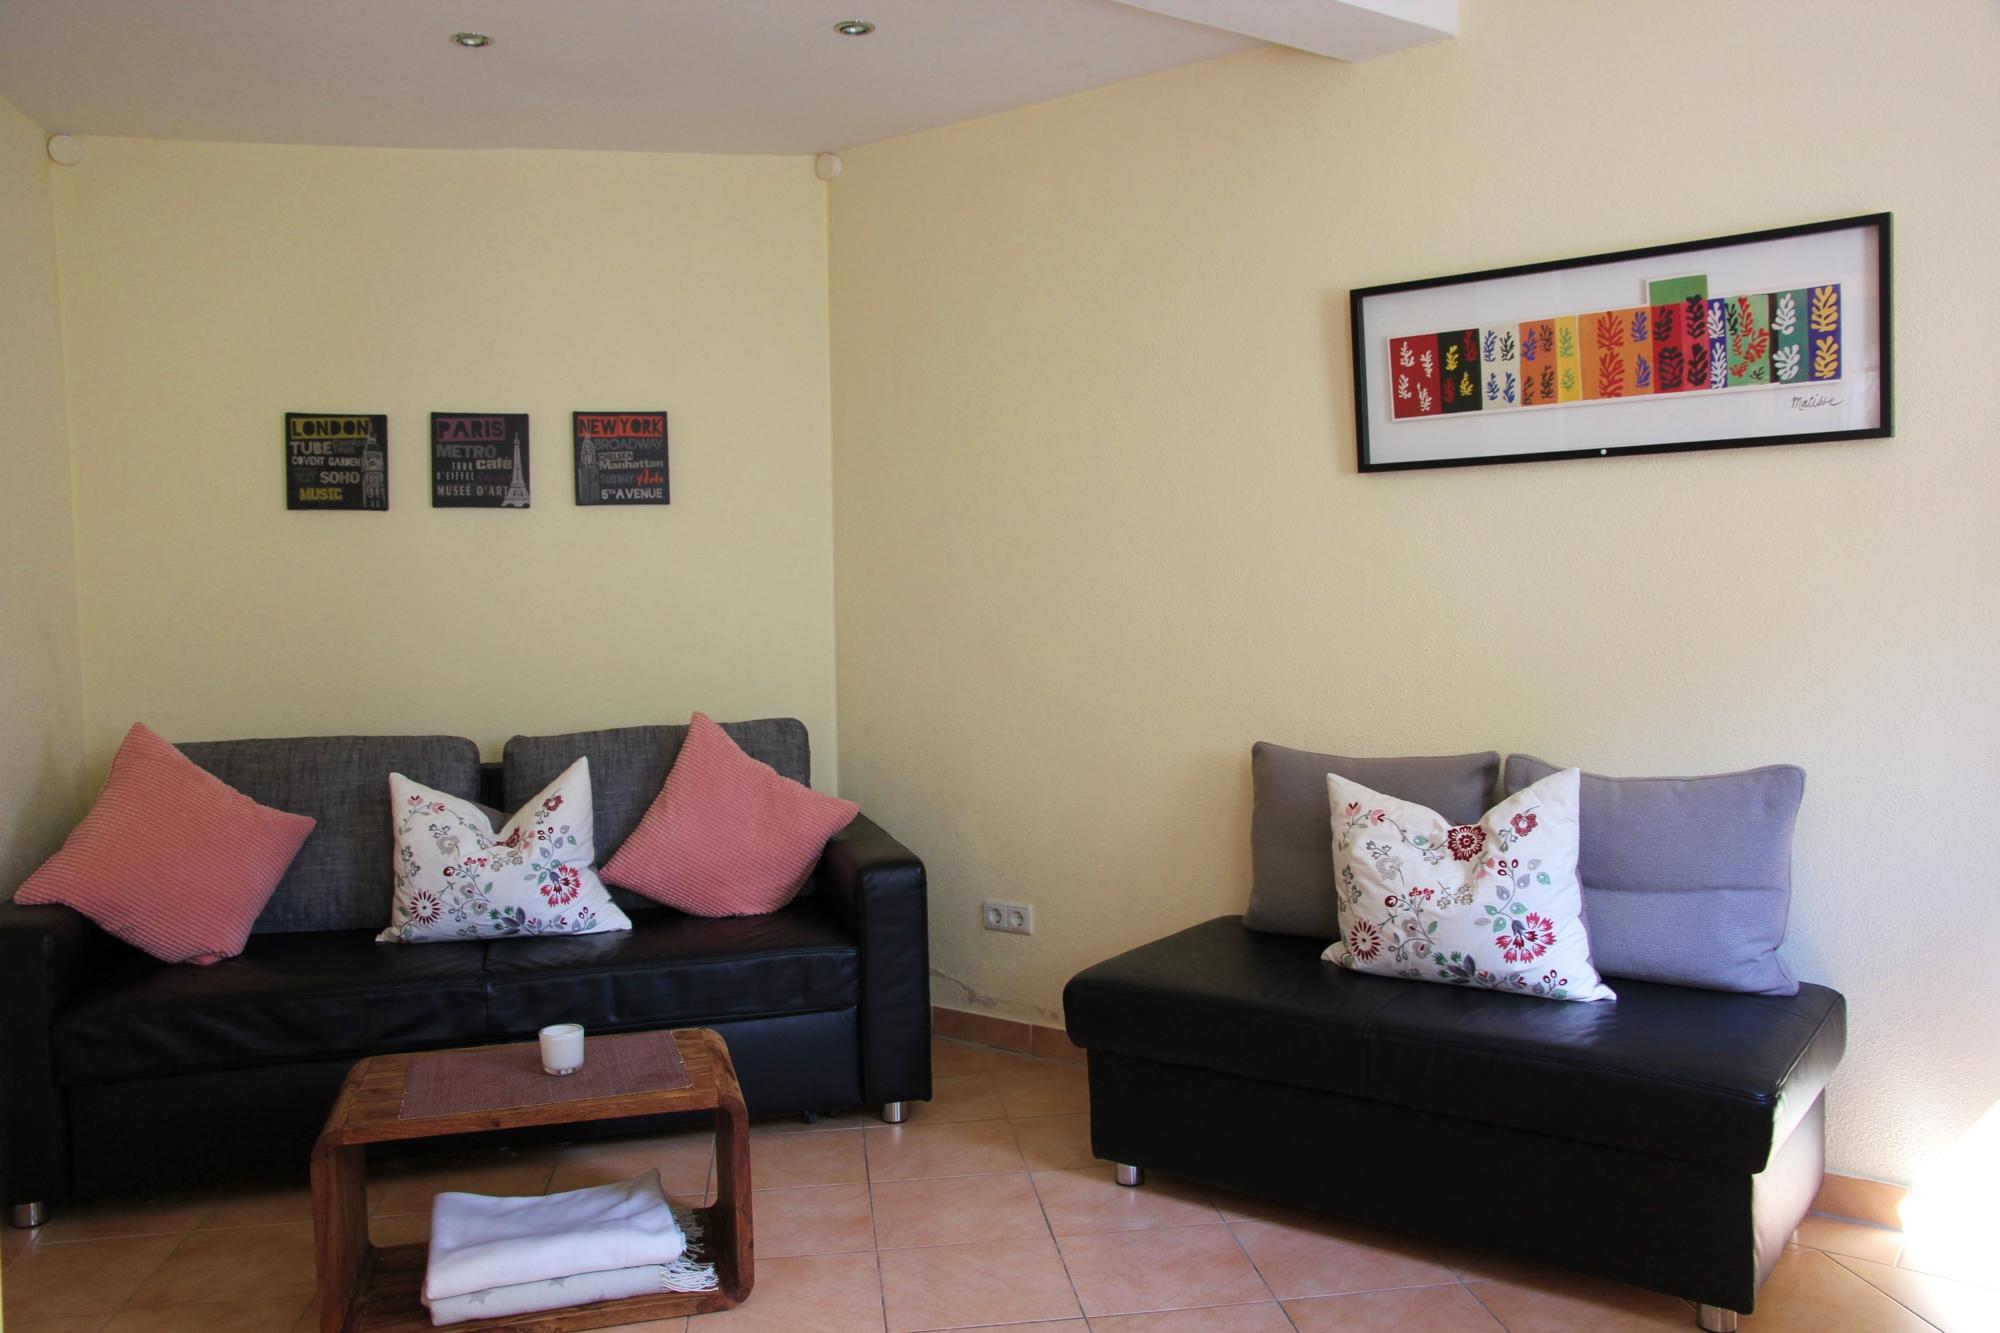 Ferienhaus Haus Sayn - Wohnzimmer:2